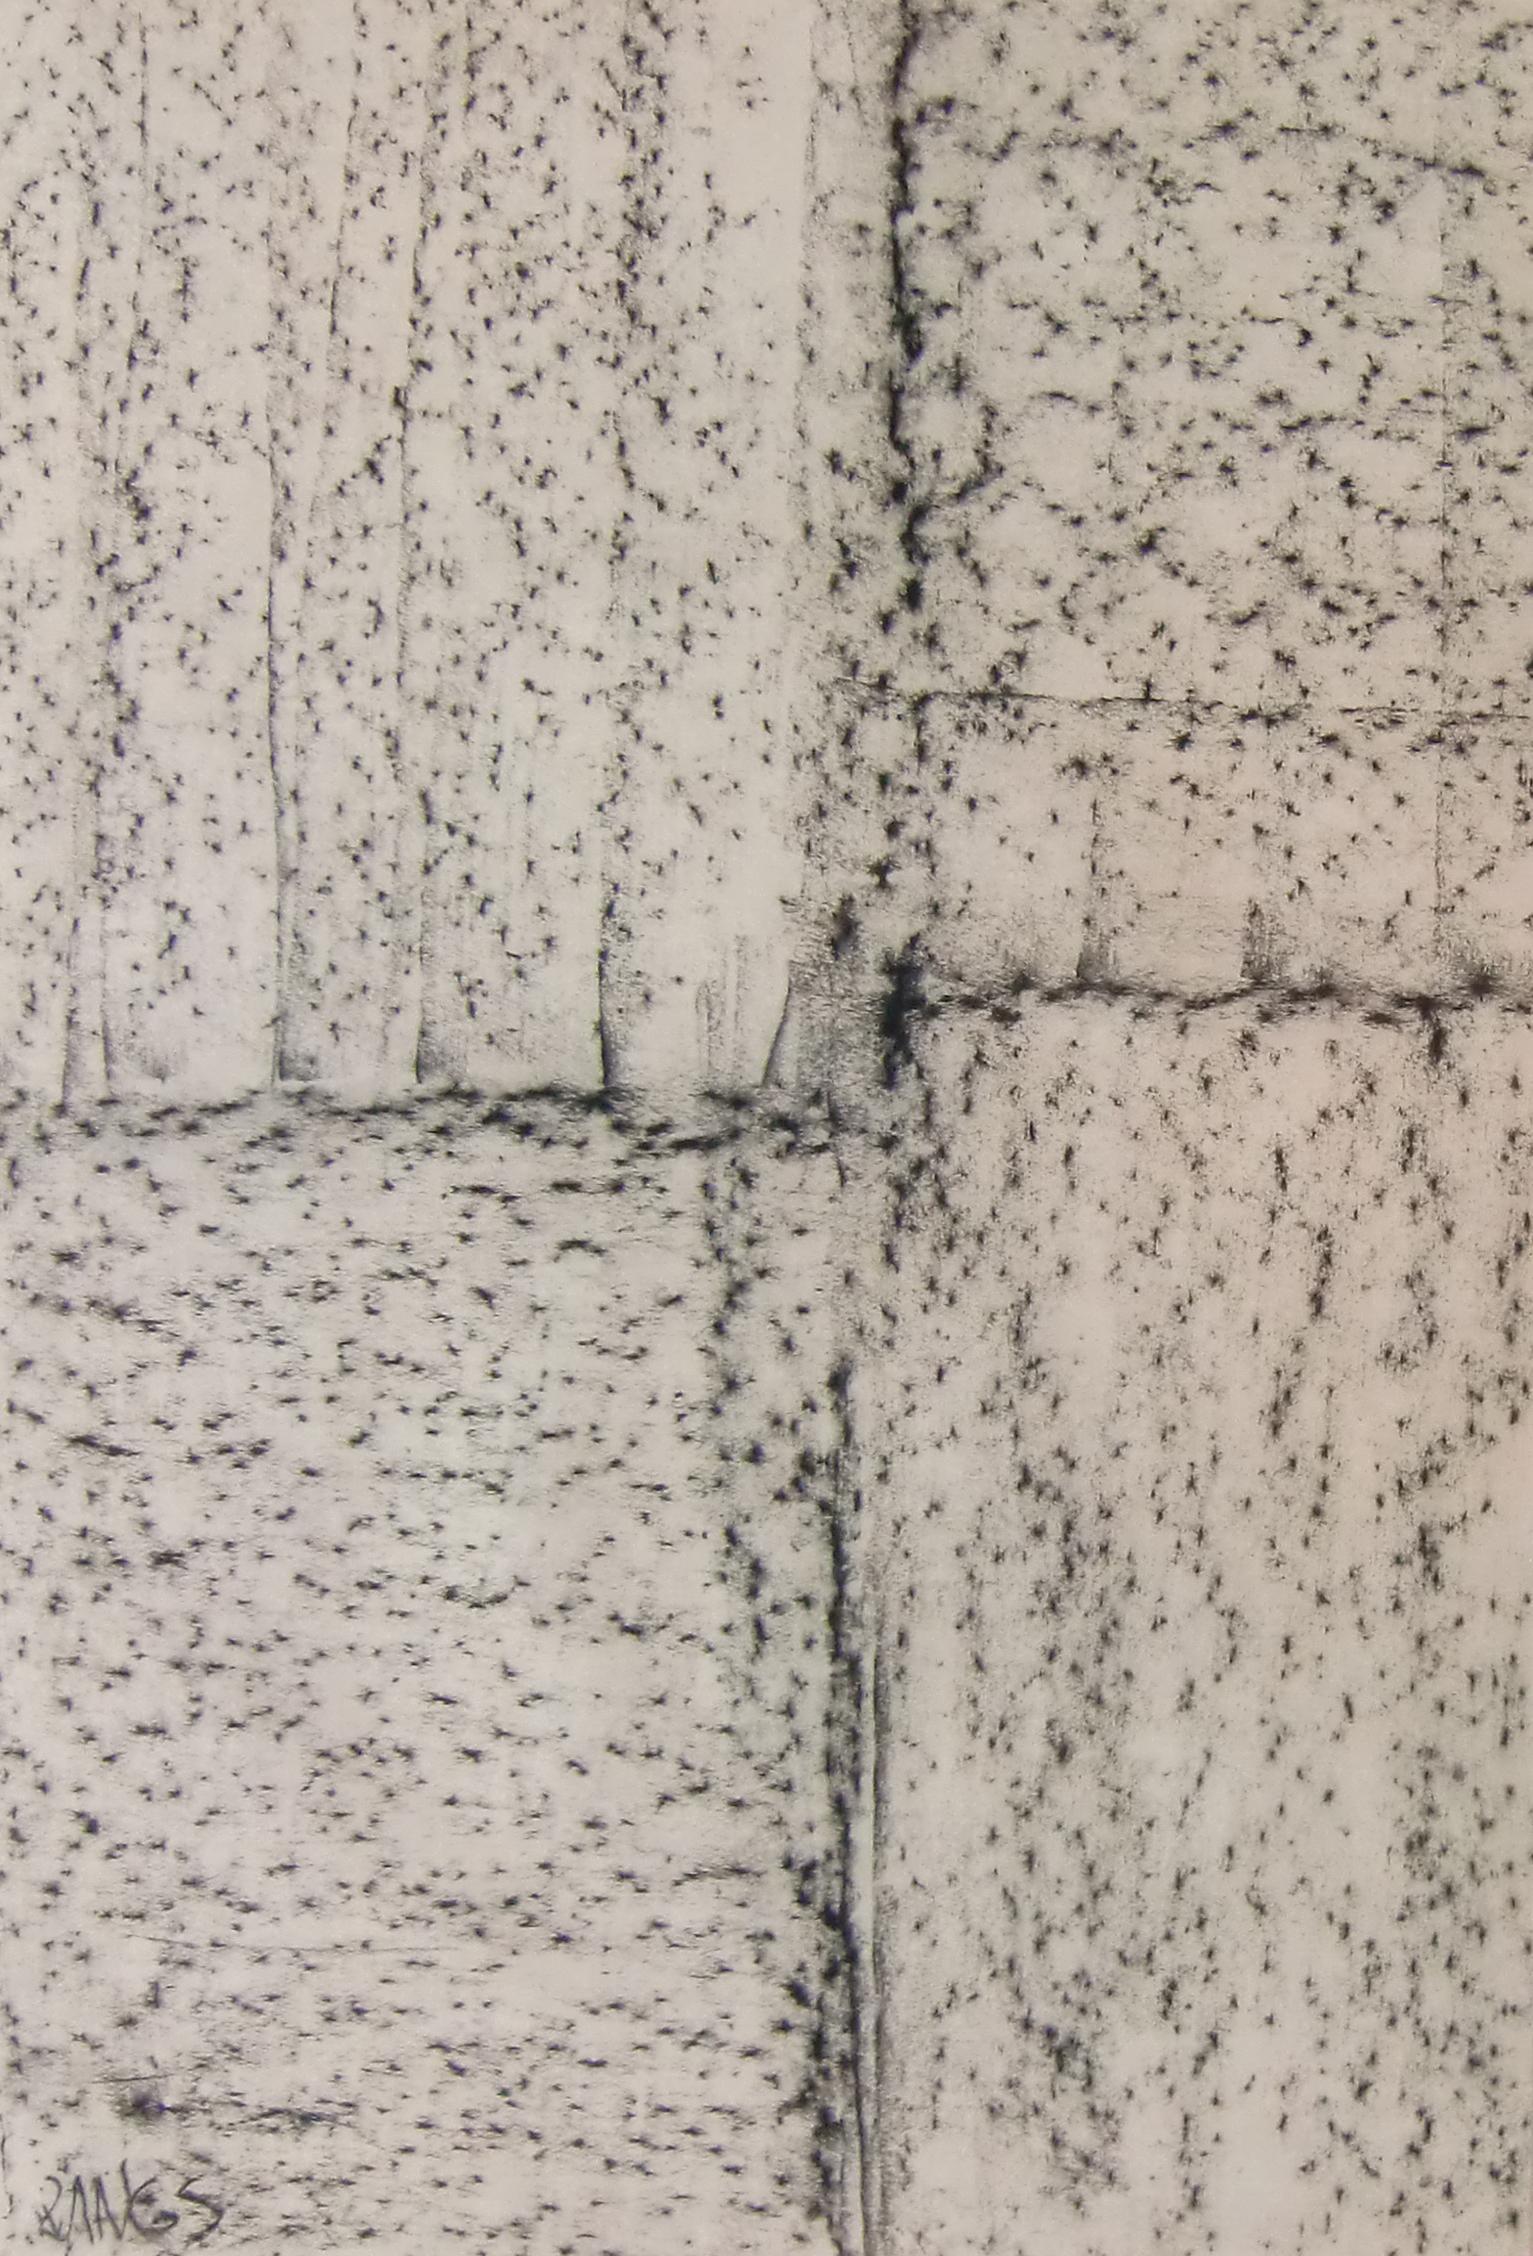 22 – Herbert Zangs (1924 – 2003)<br><br>Ohne Titel / Frottage um 1980<br>Graphit auf Papier<br>69,4 x 47,0 cm<br>links unten signiert<br>rückseitig Nachlass-Stempel<br>Provenienz: Nachlass des Künstlers<br>Die Arbeit ist in das Herbert Zangs Nachlass-Archiv Maulberger aufgenommen.